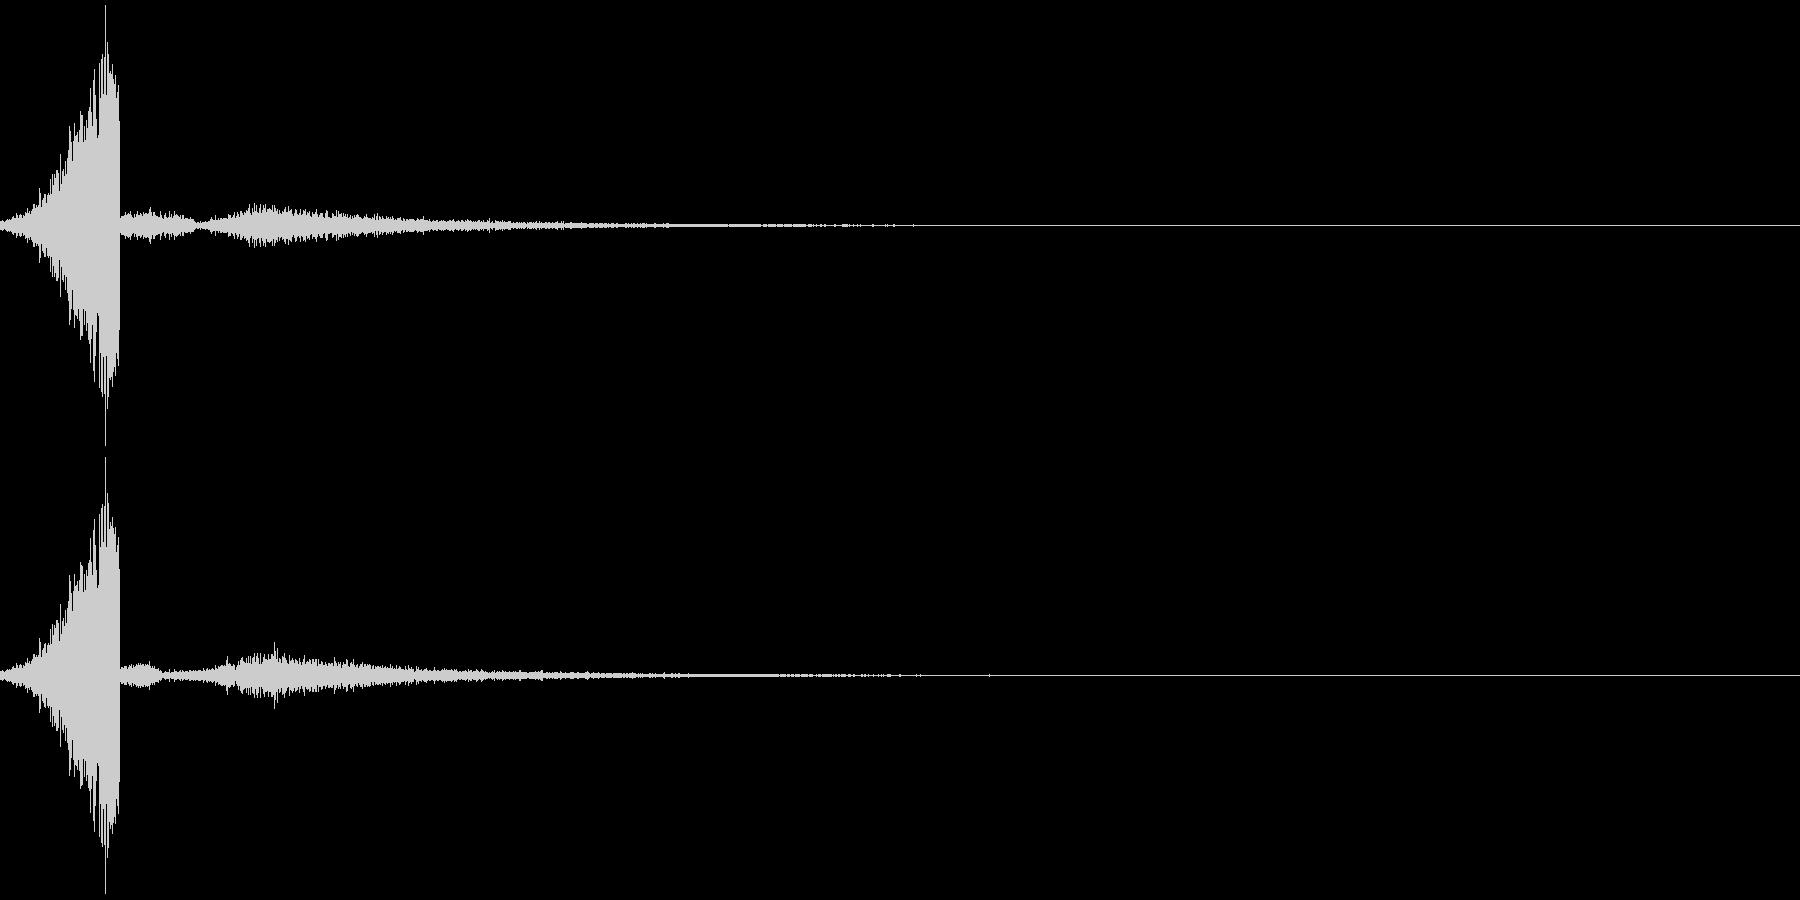 シュッ(スライド音)の未再生の波形